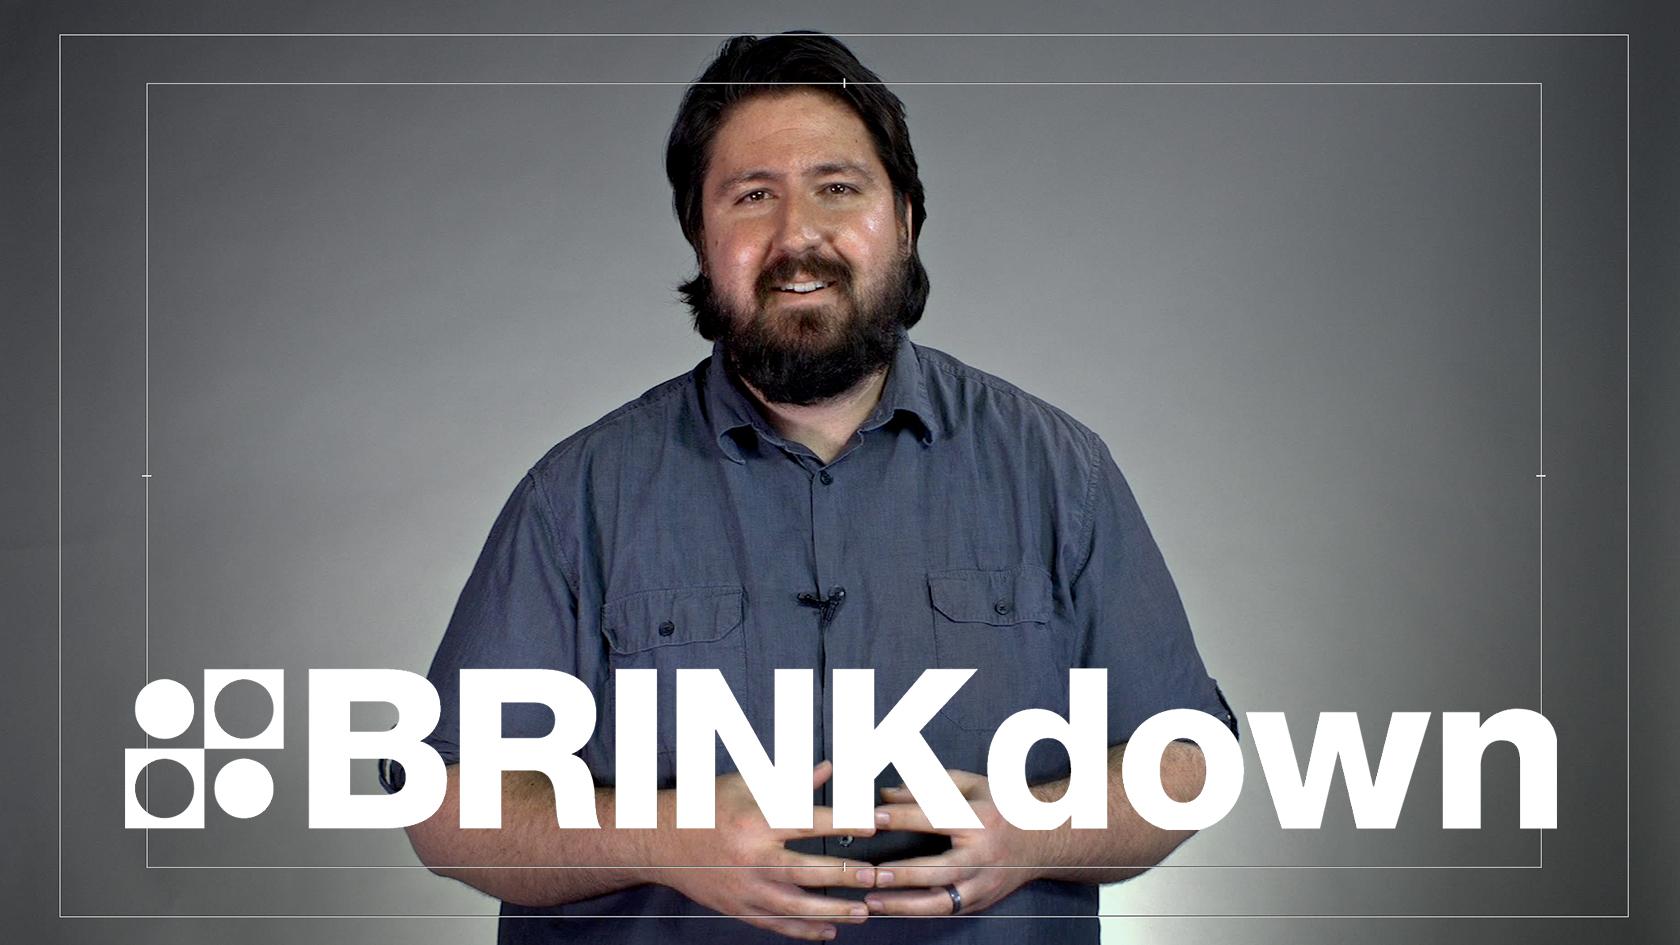 June Brinkdown image